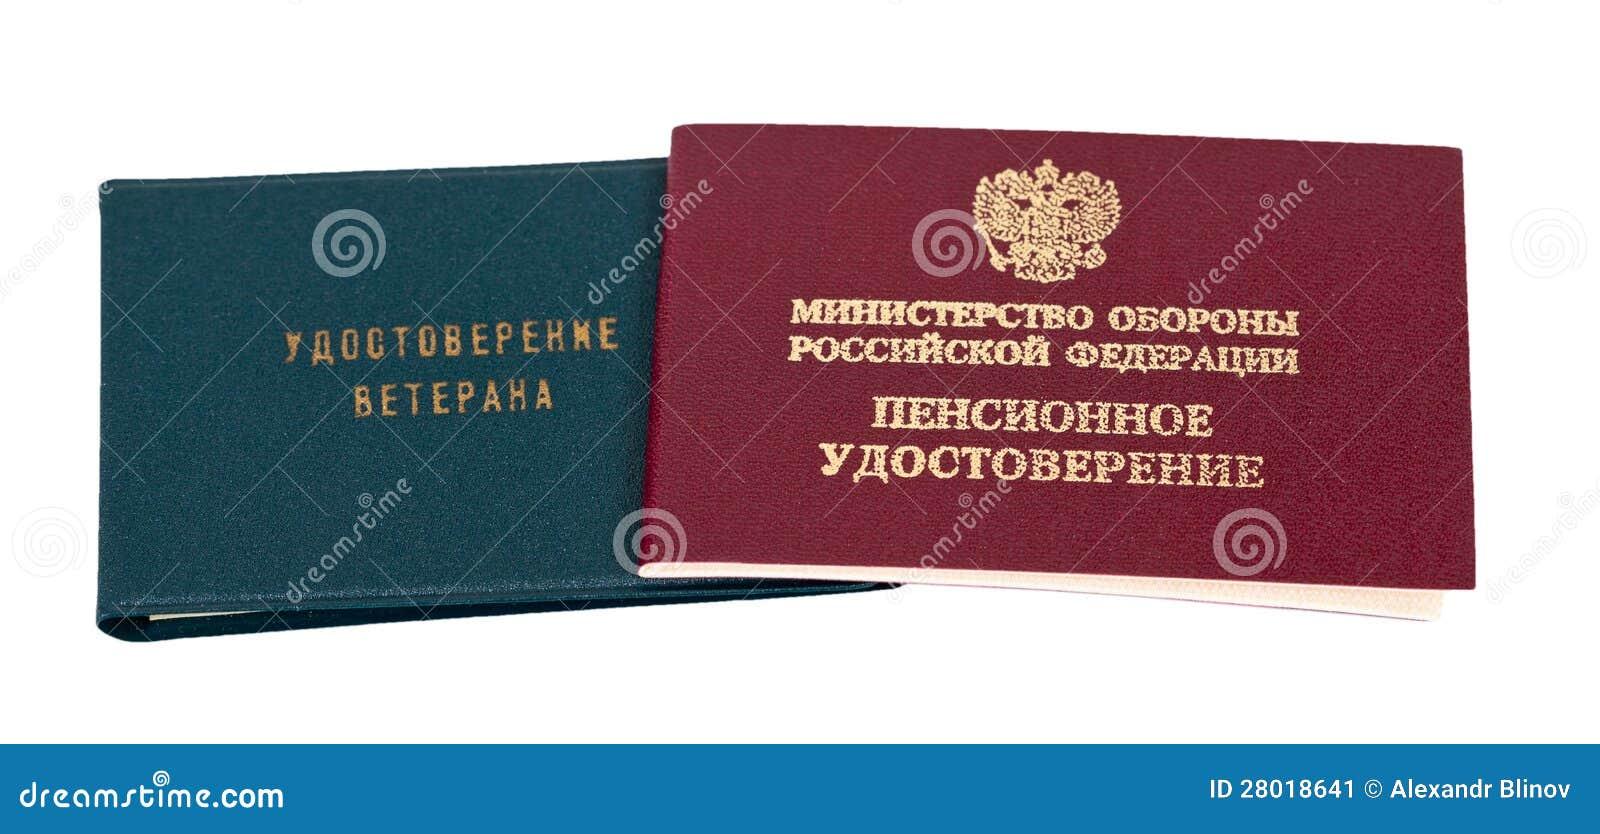 Russisches Rentenbezug- und Veteranenzertifikat